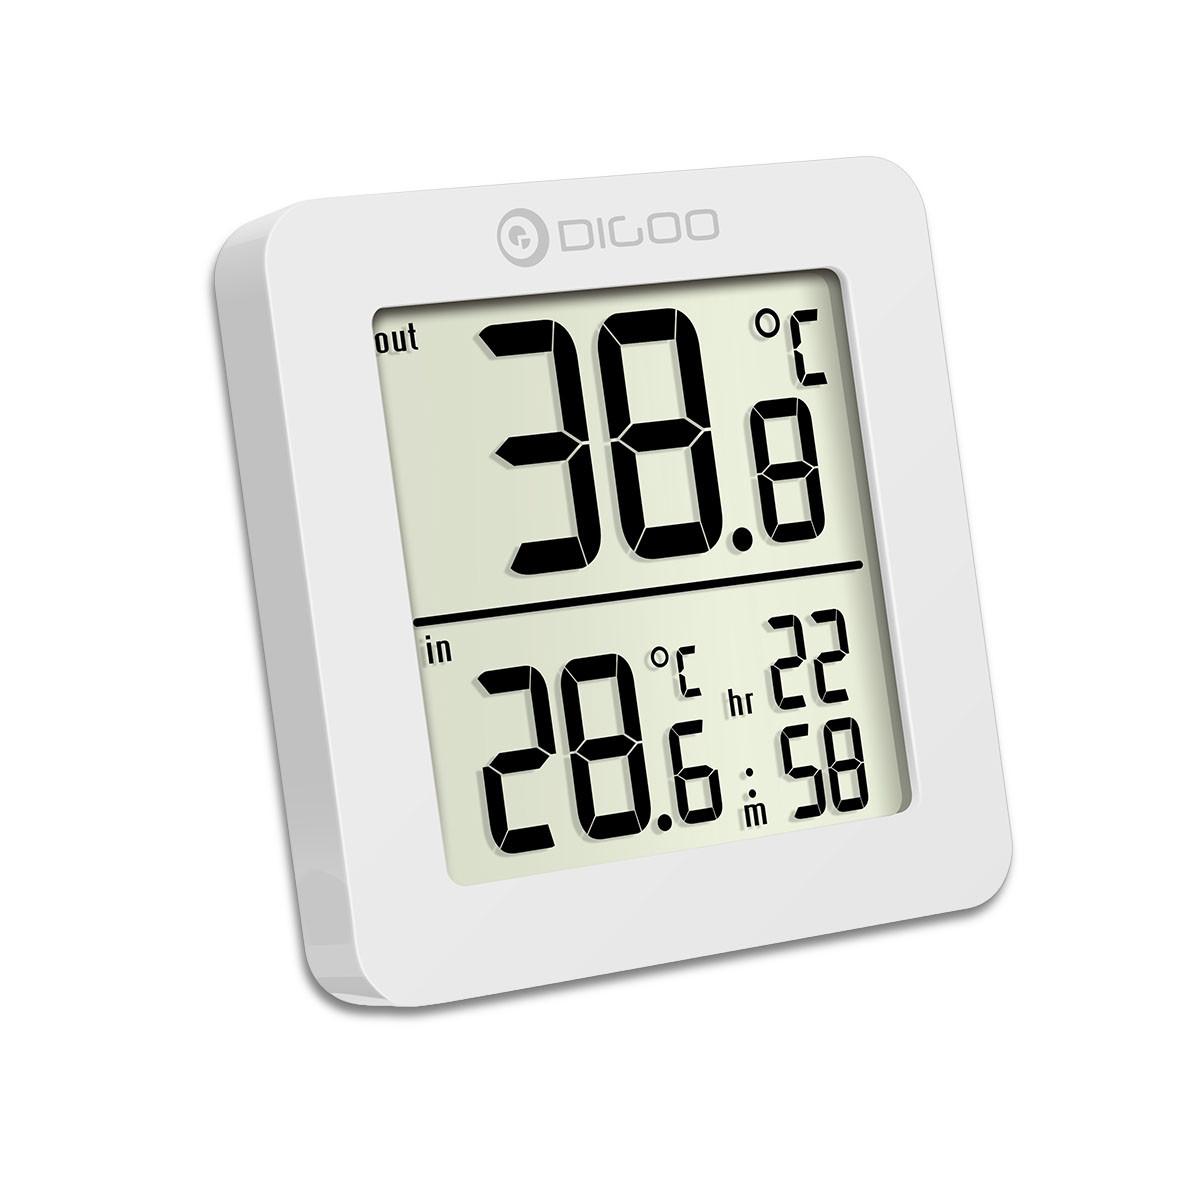 DIGOO DG-TH01 Mini годинник - термометр із зовнішнім провідним датчиком. Білий колір